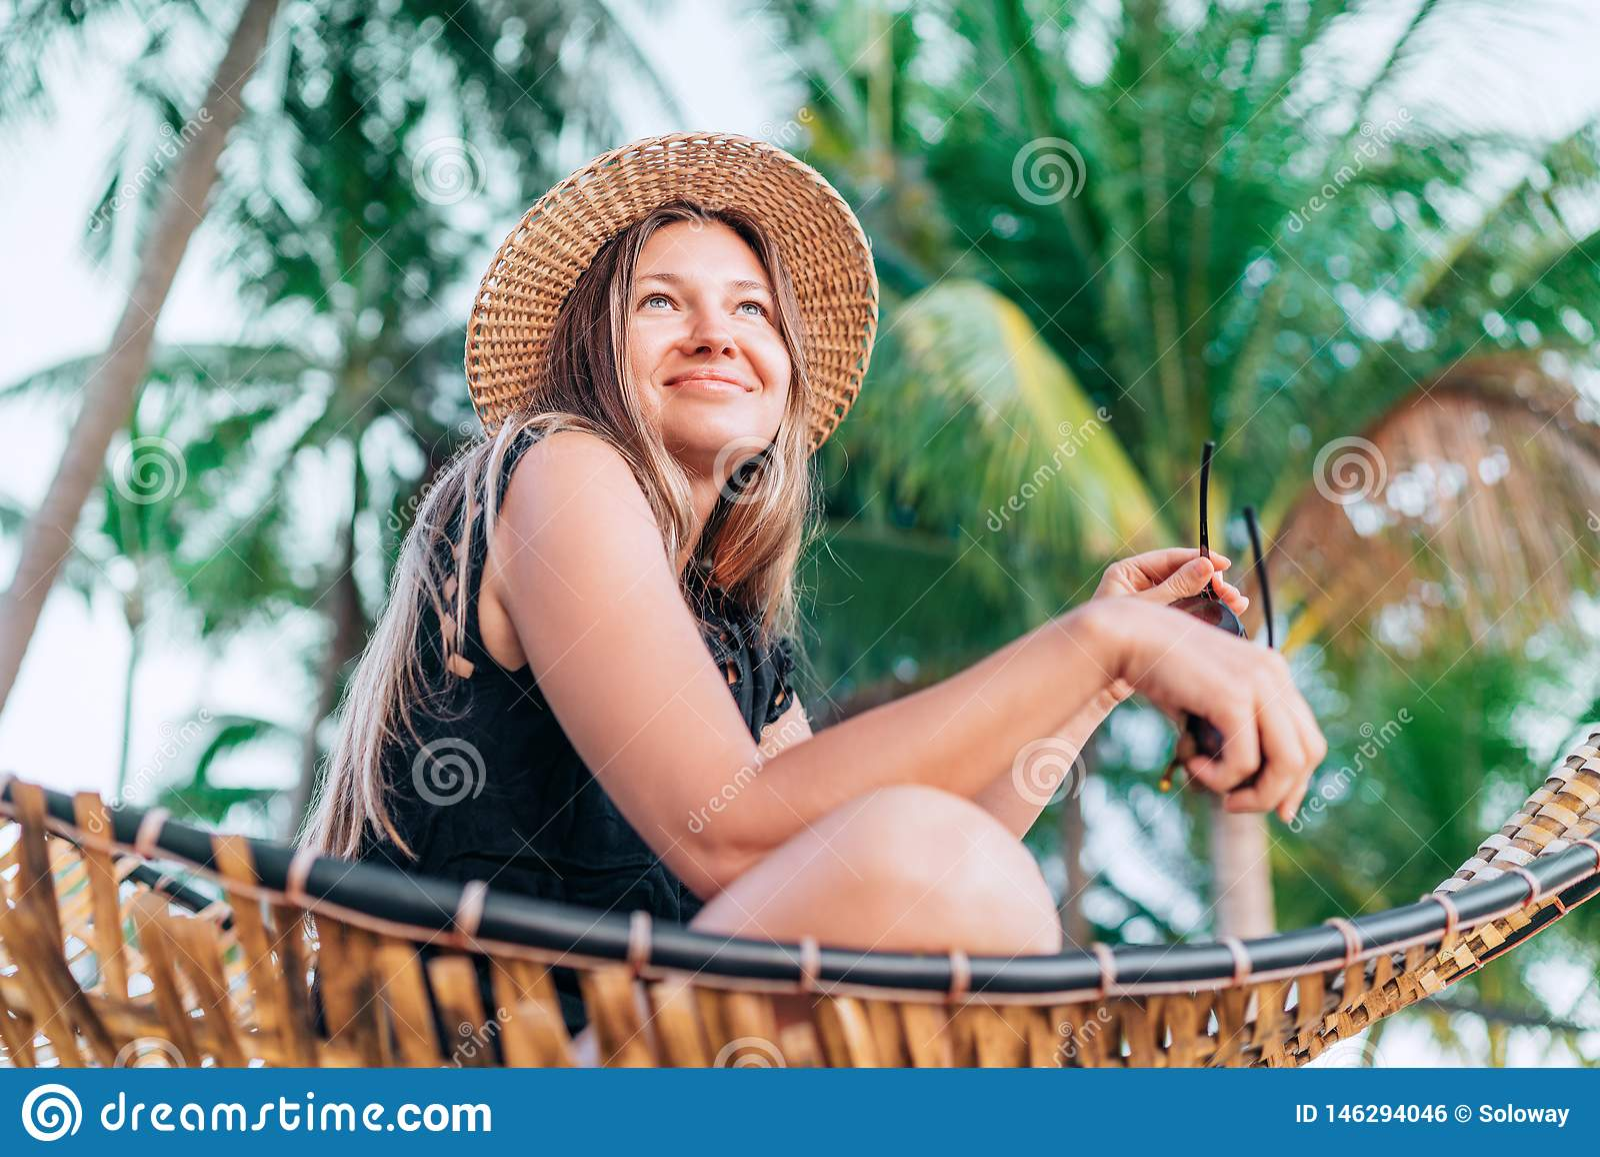 Szcz??liwa u?miechni?ta m?oda kobieta w s?omianego kapeluszu obsiadaniu w hamaku z drzewka palmowego t?em